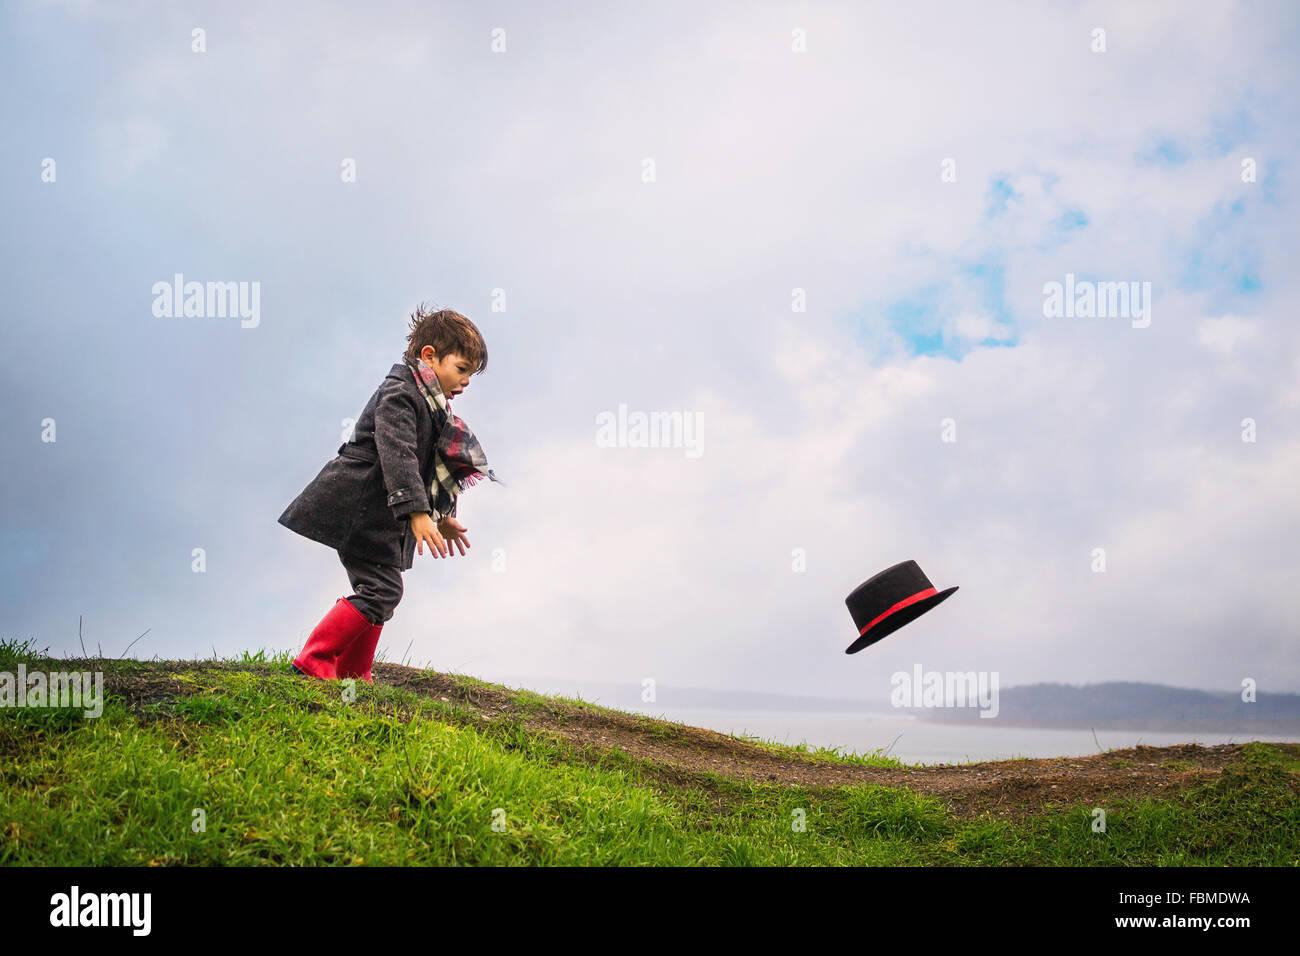 Garçon courir après son chapeau souffle loin dans le vent Photo Stock